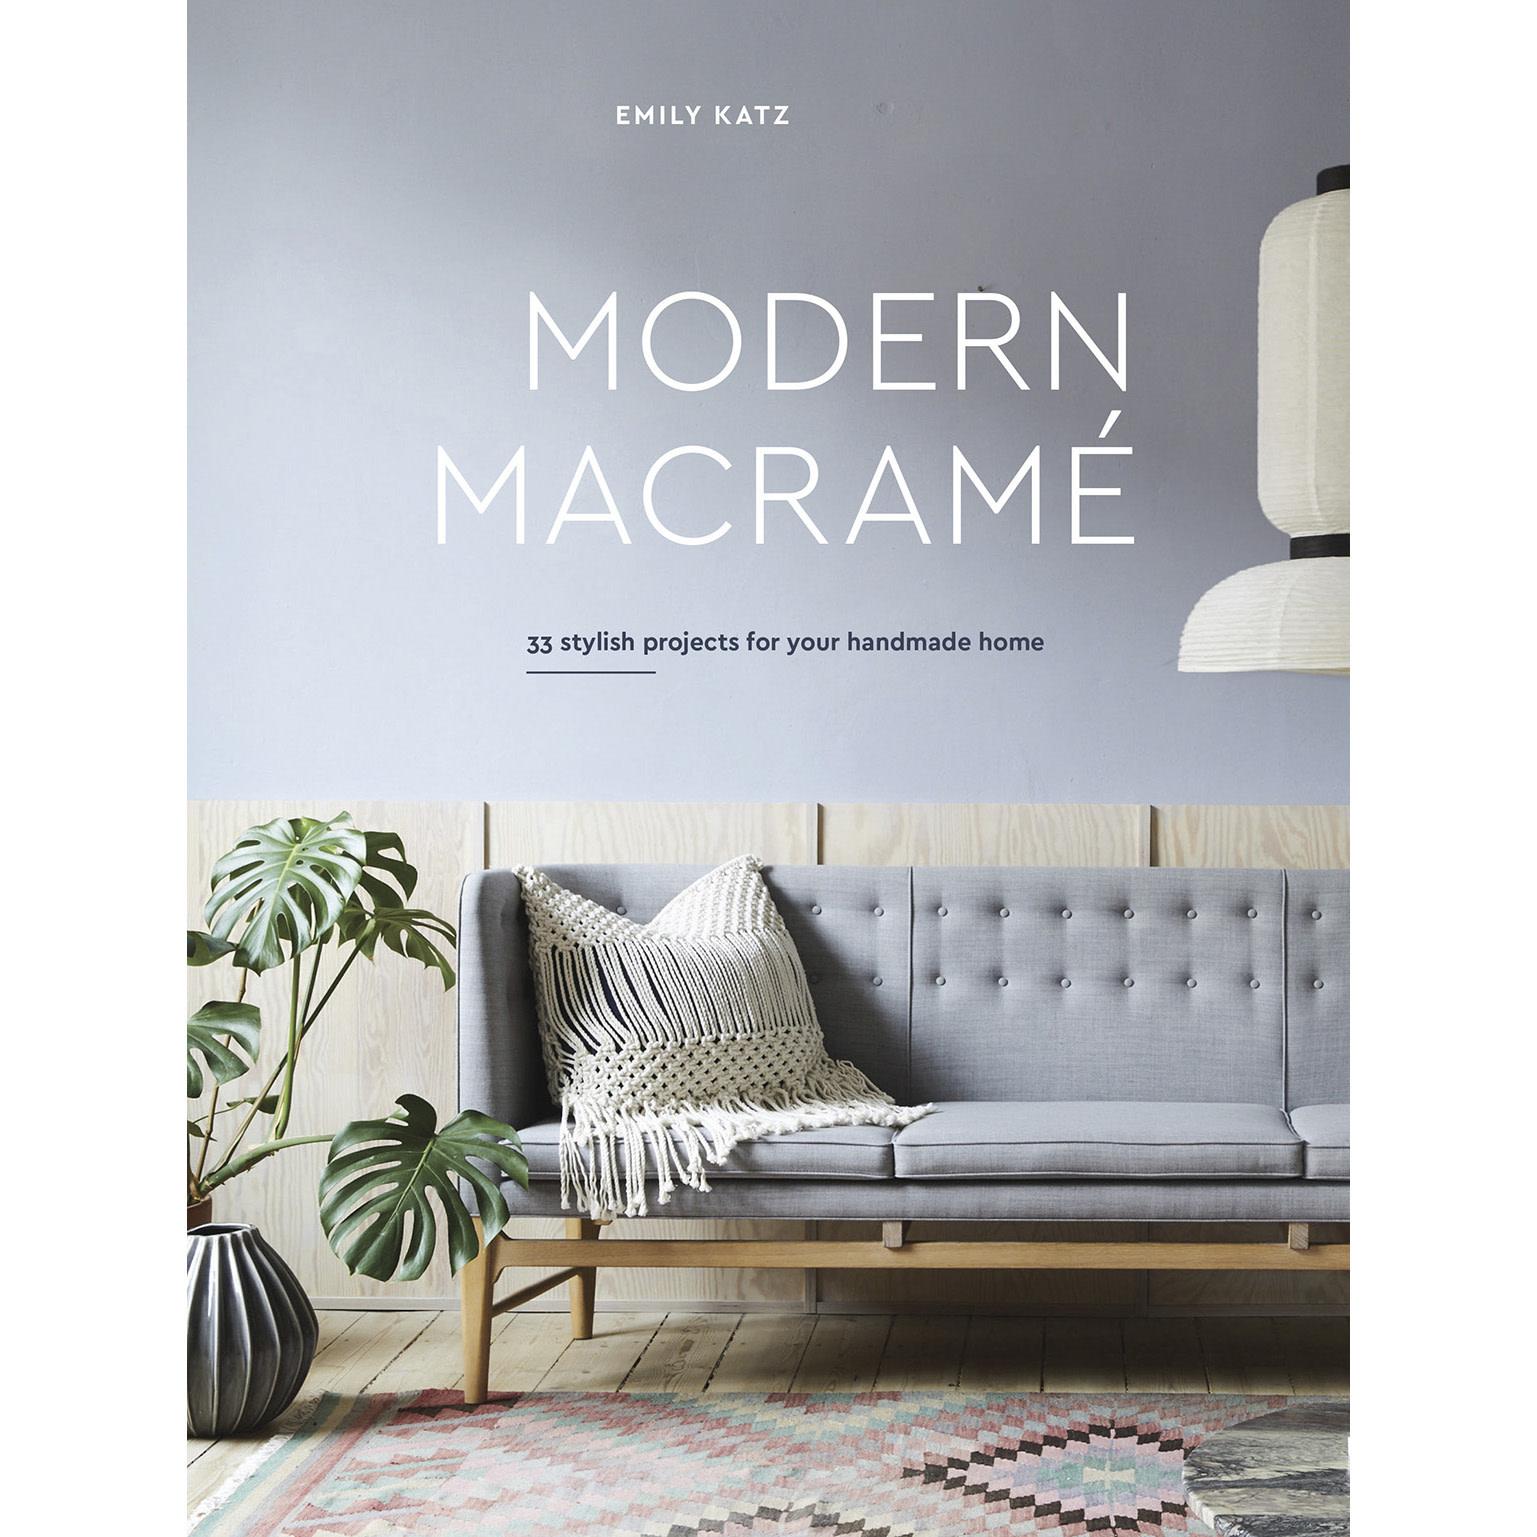 MODERN MACRAMÉ by EMILY KATZ